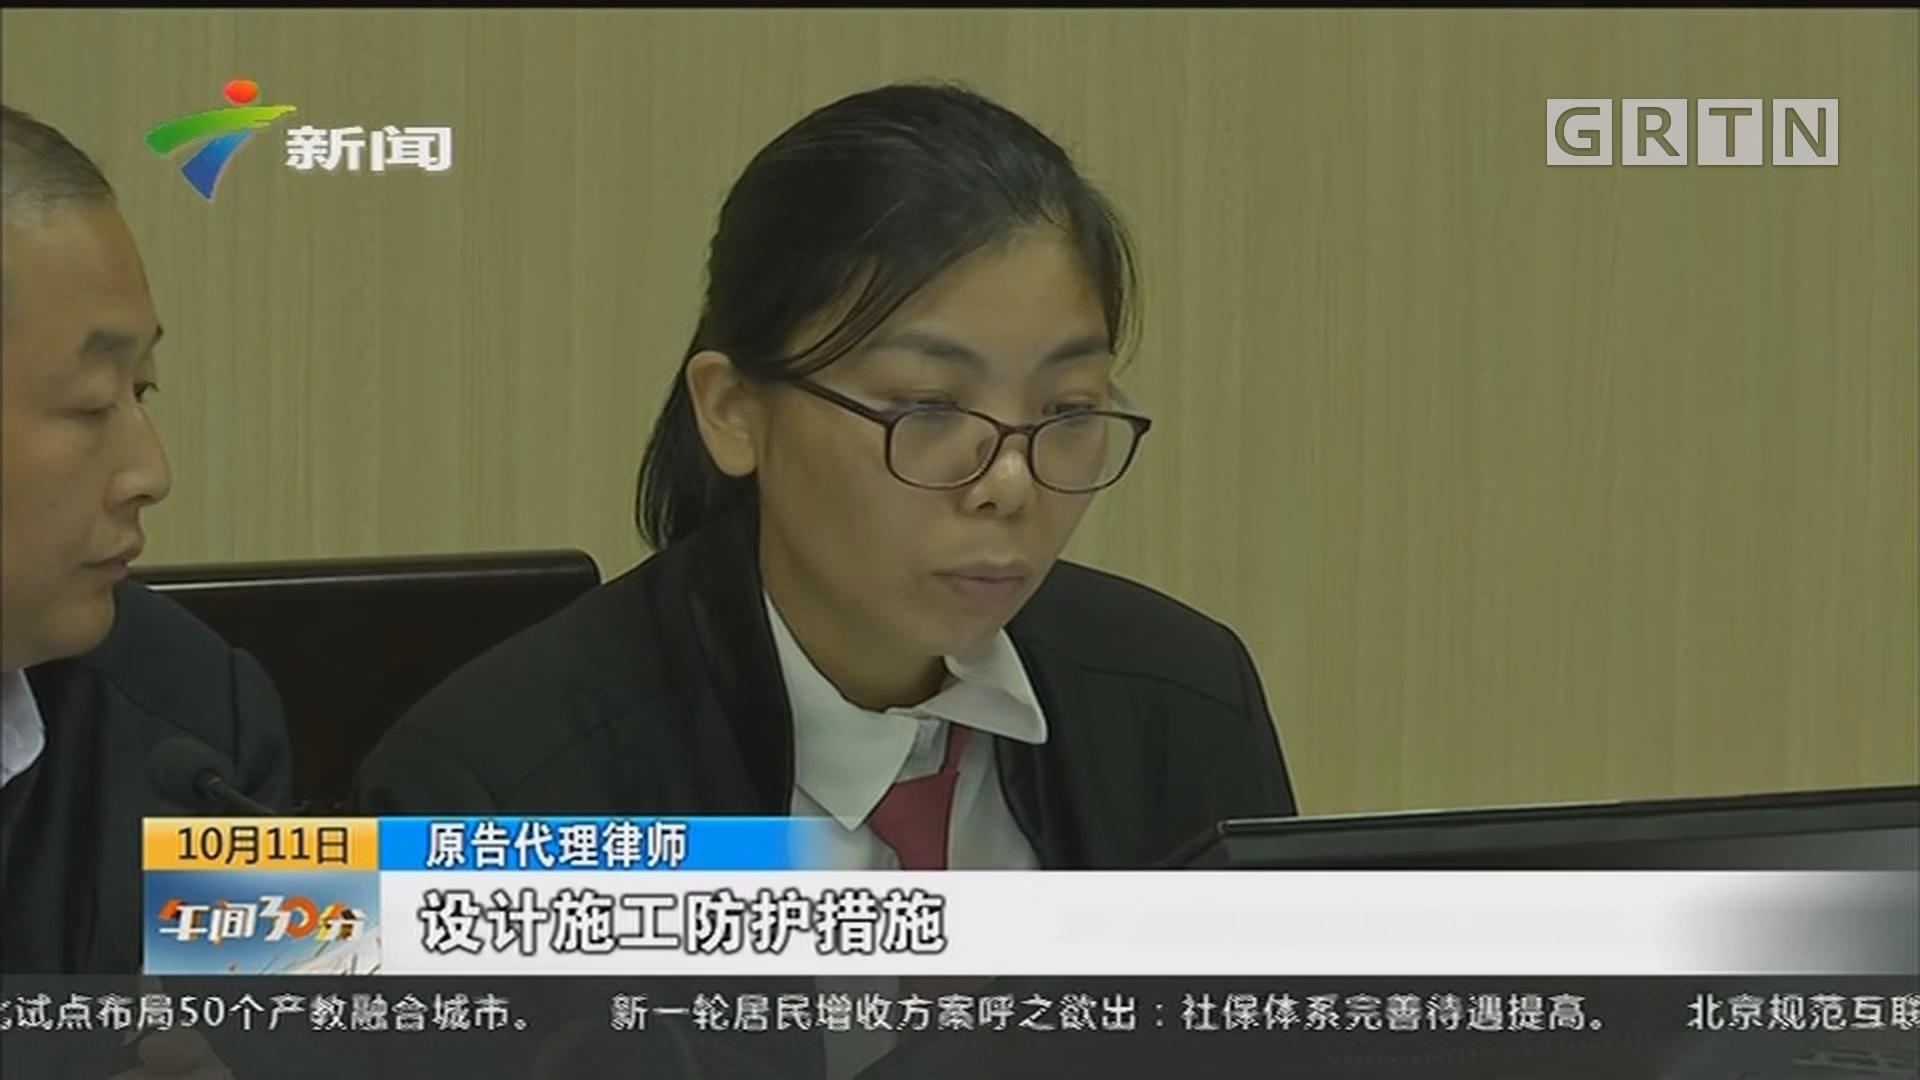 东莞:高空掉苹果砸伤女婴案第二次开庭:小区开发商 物业公司成共同被告